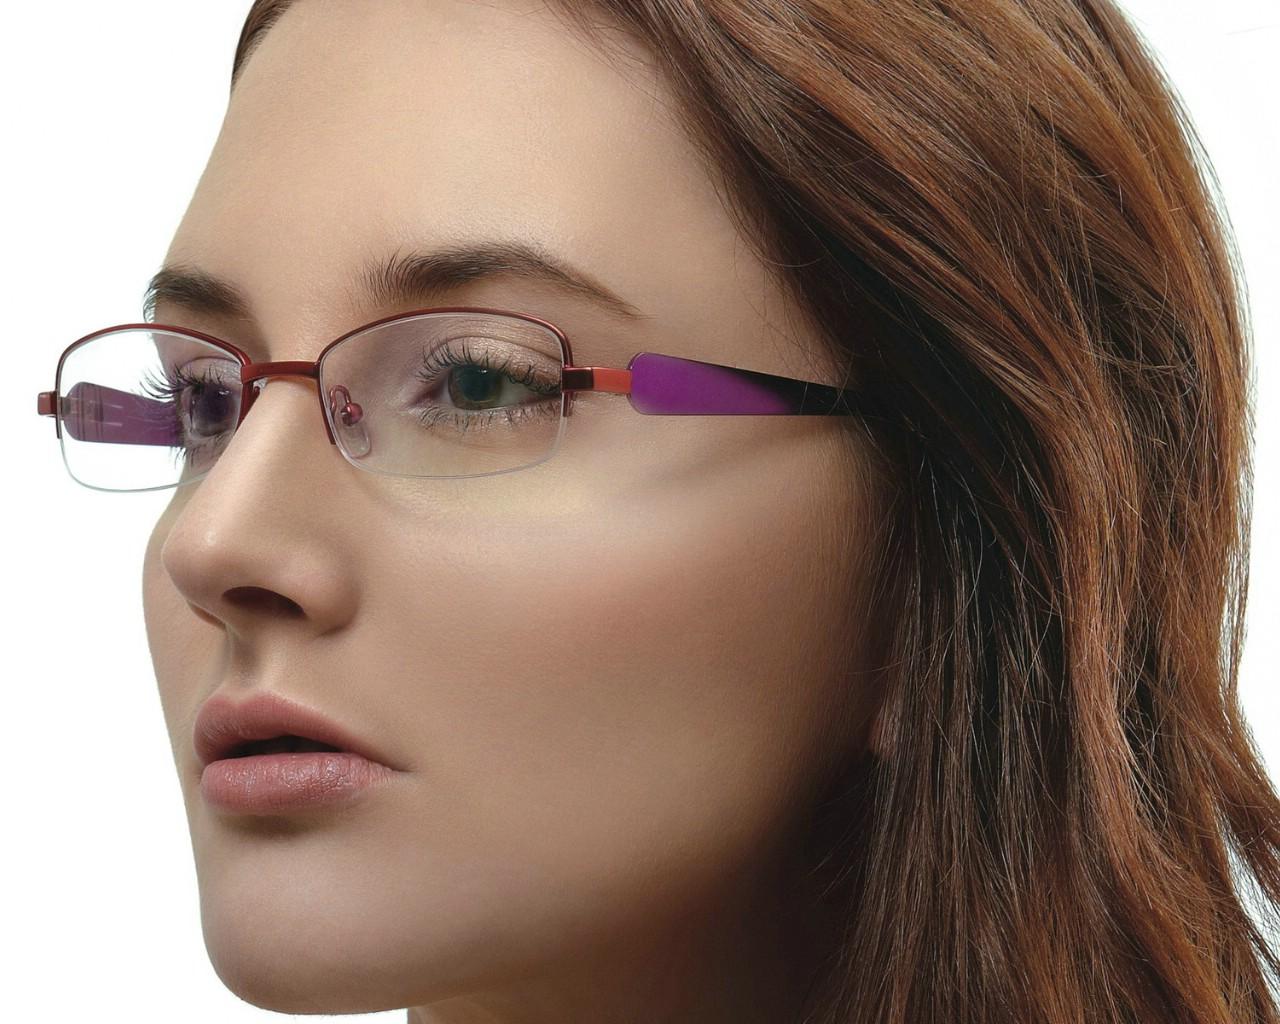 壁纸1280×1024迷人电眼眼镜美女模特高清壁纸